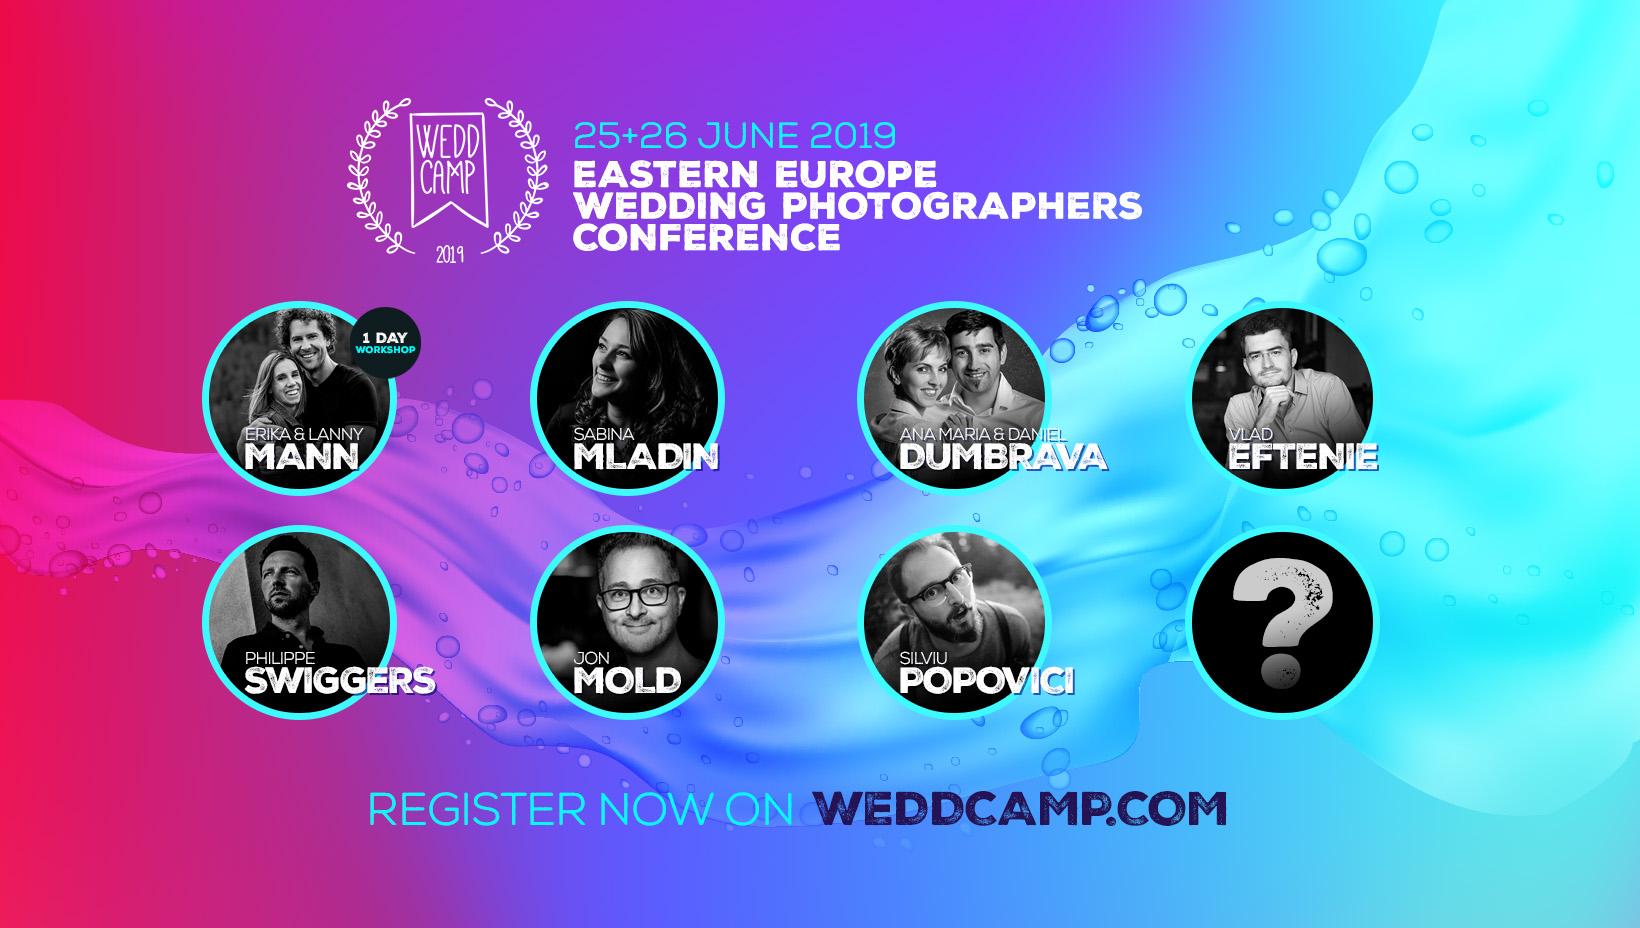 WEDDCAMP, Conferința fotografilor de nuntă